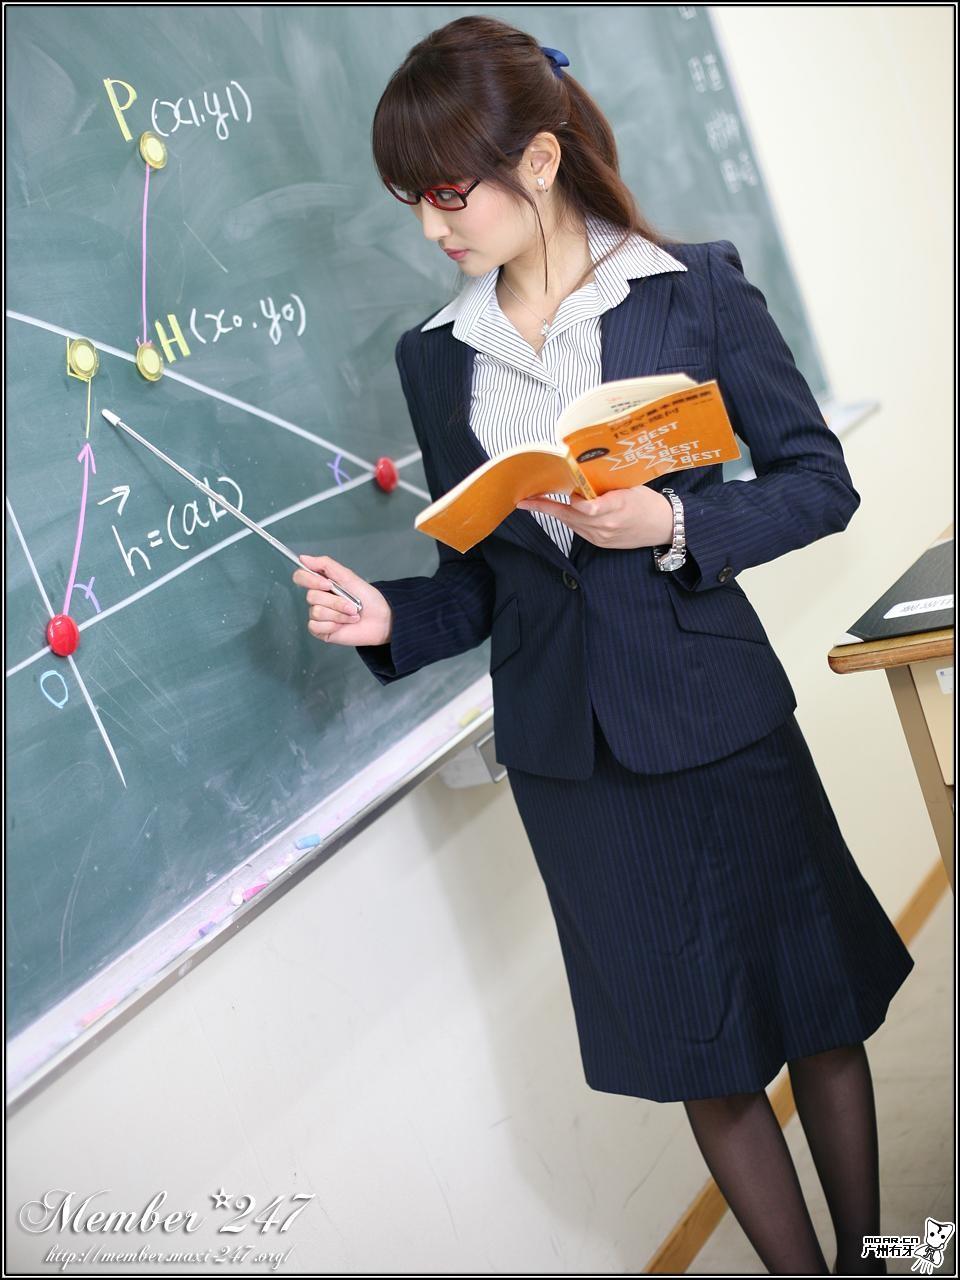 数学老师迟来的教师节礼物;